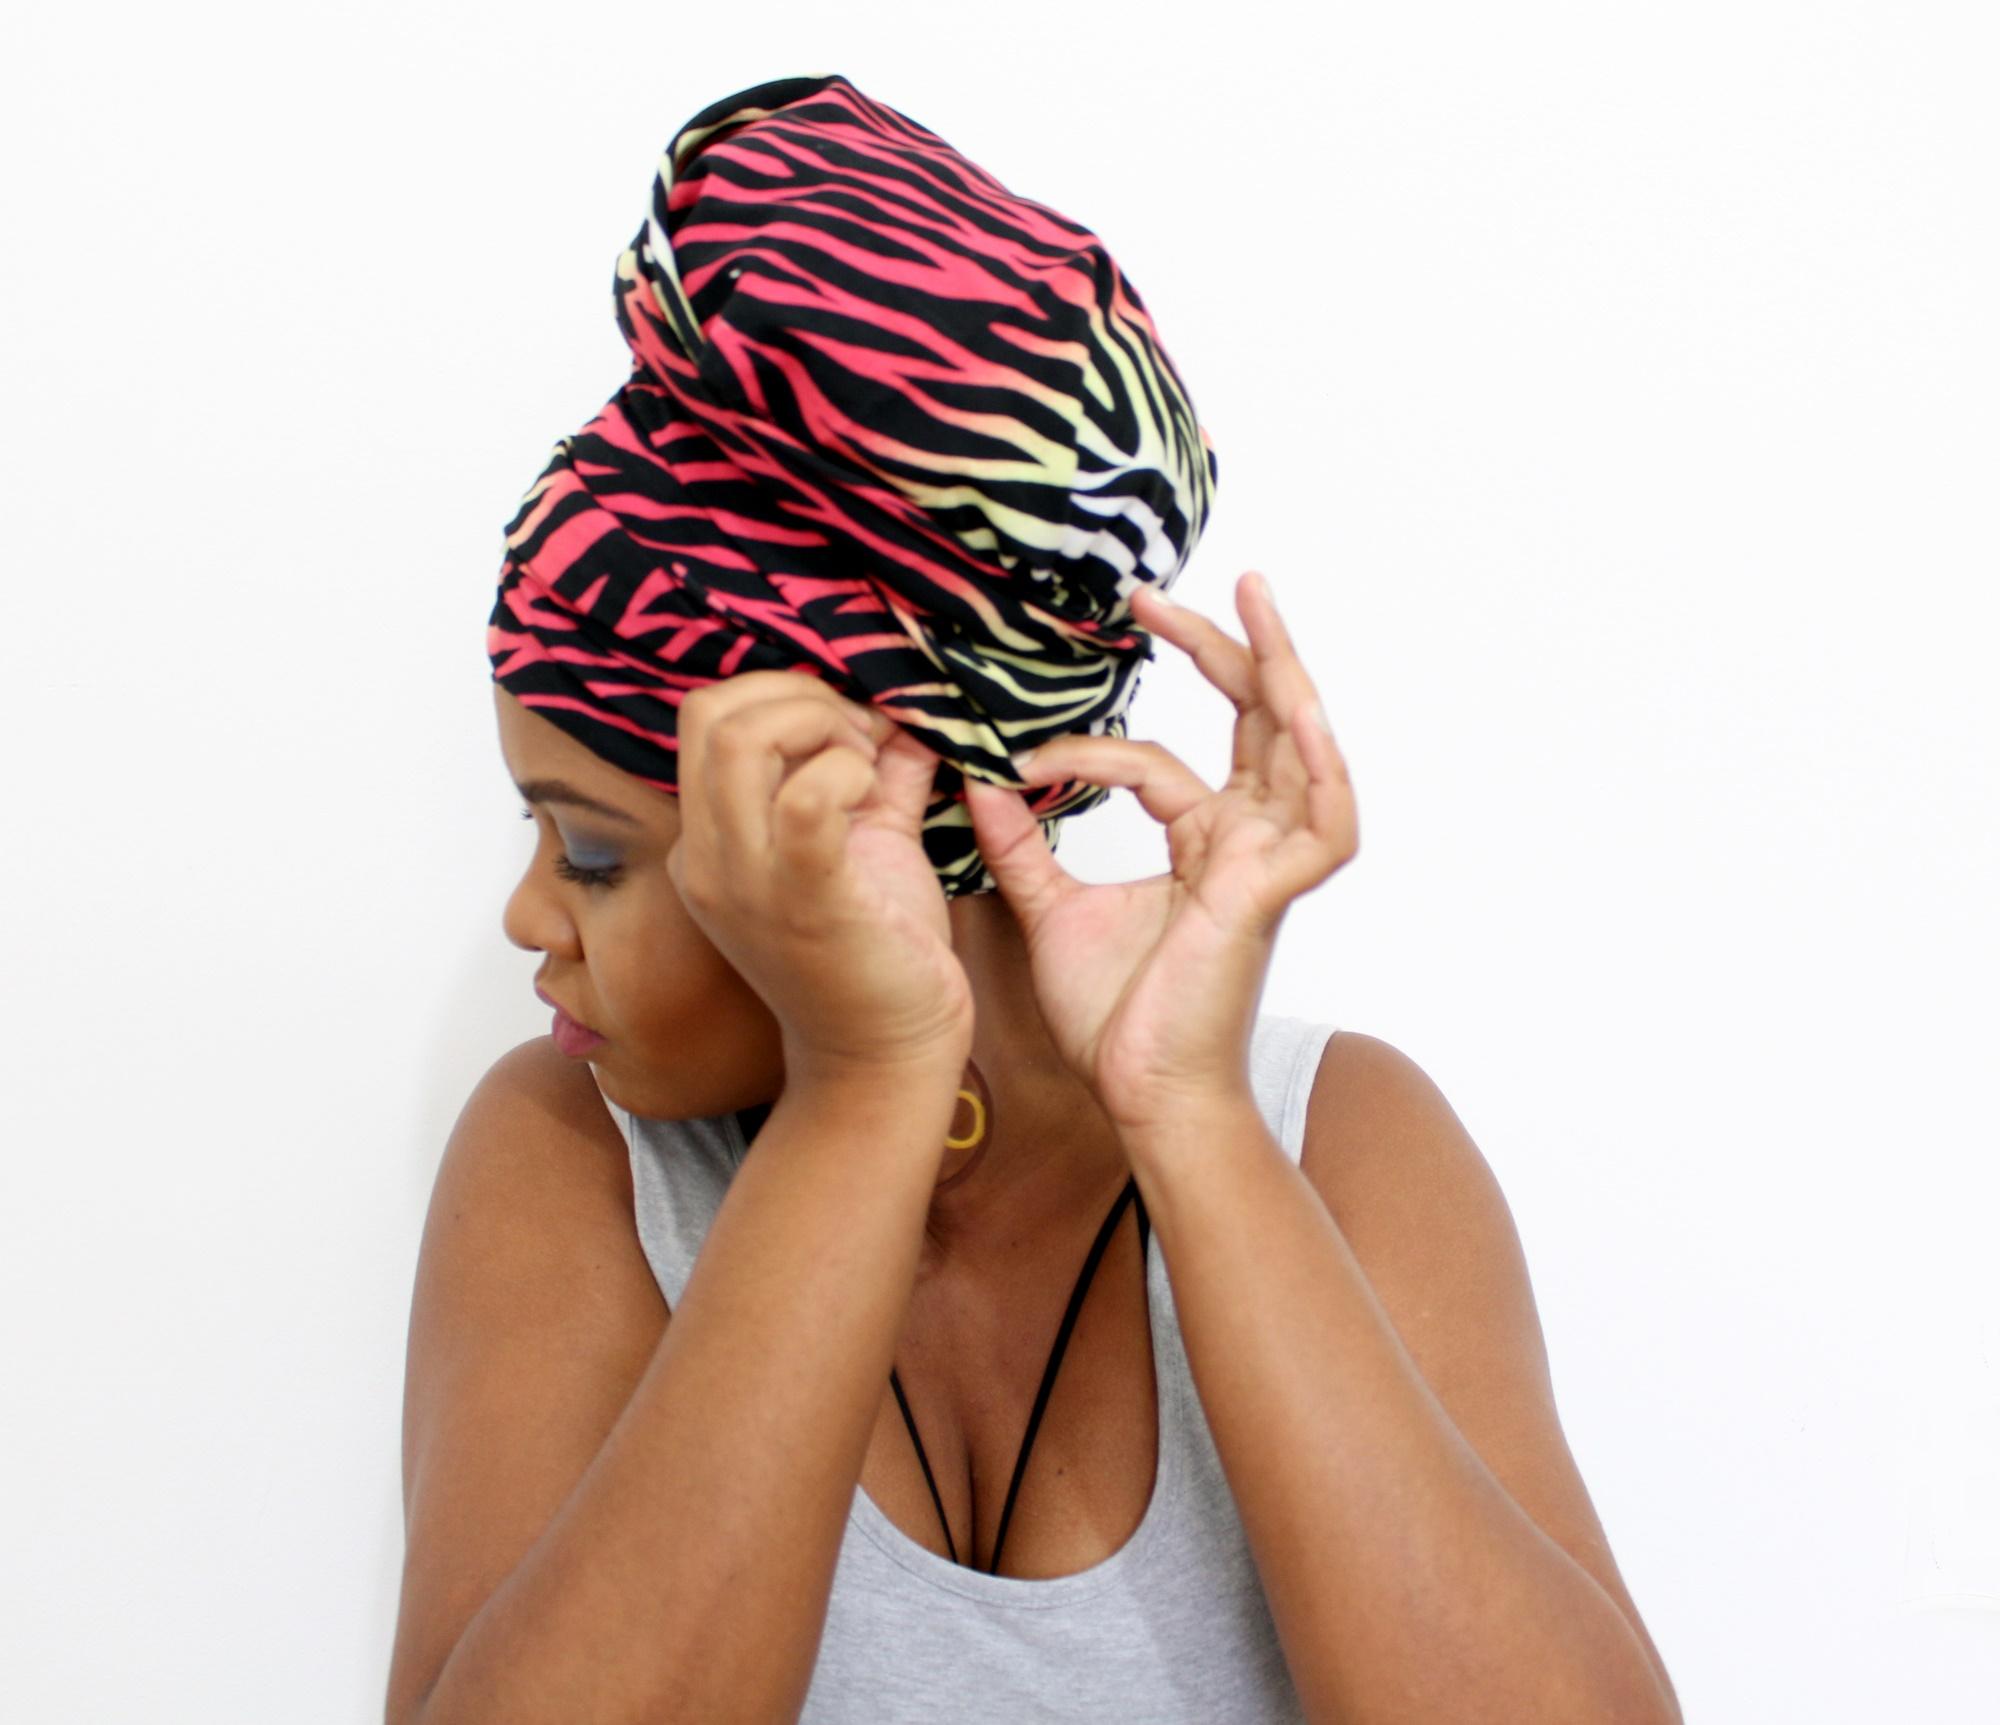 eva lima 07 - Penteado com turbante para cabelo curto cacheado